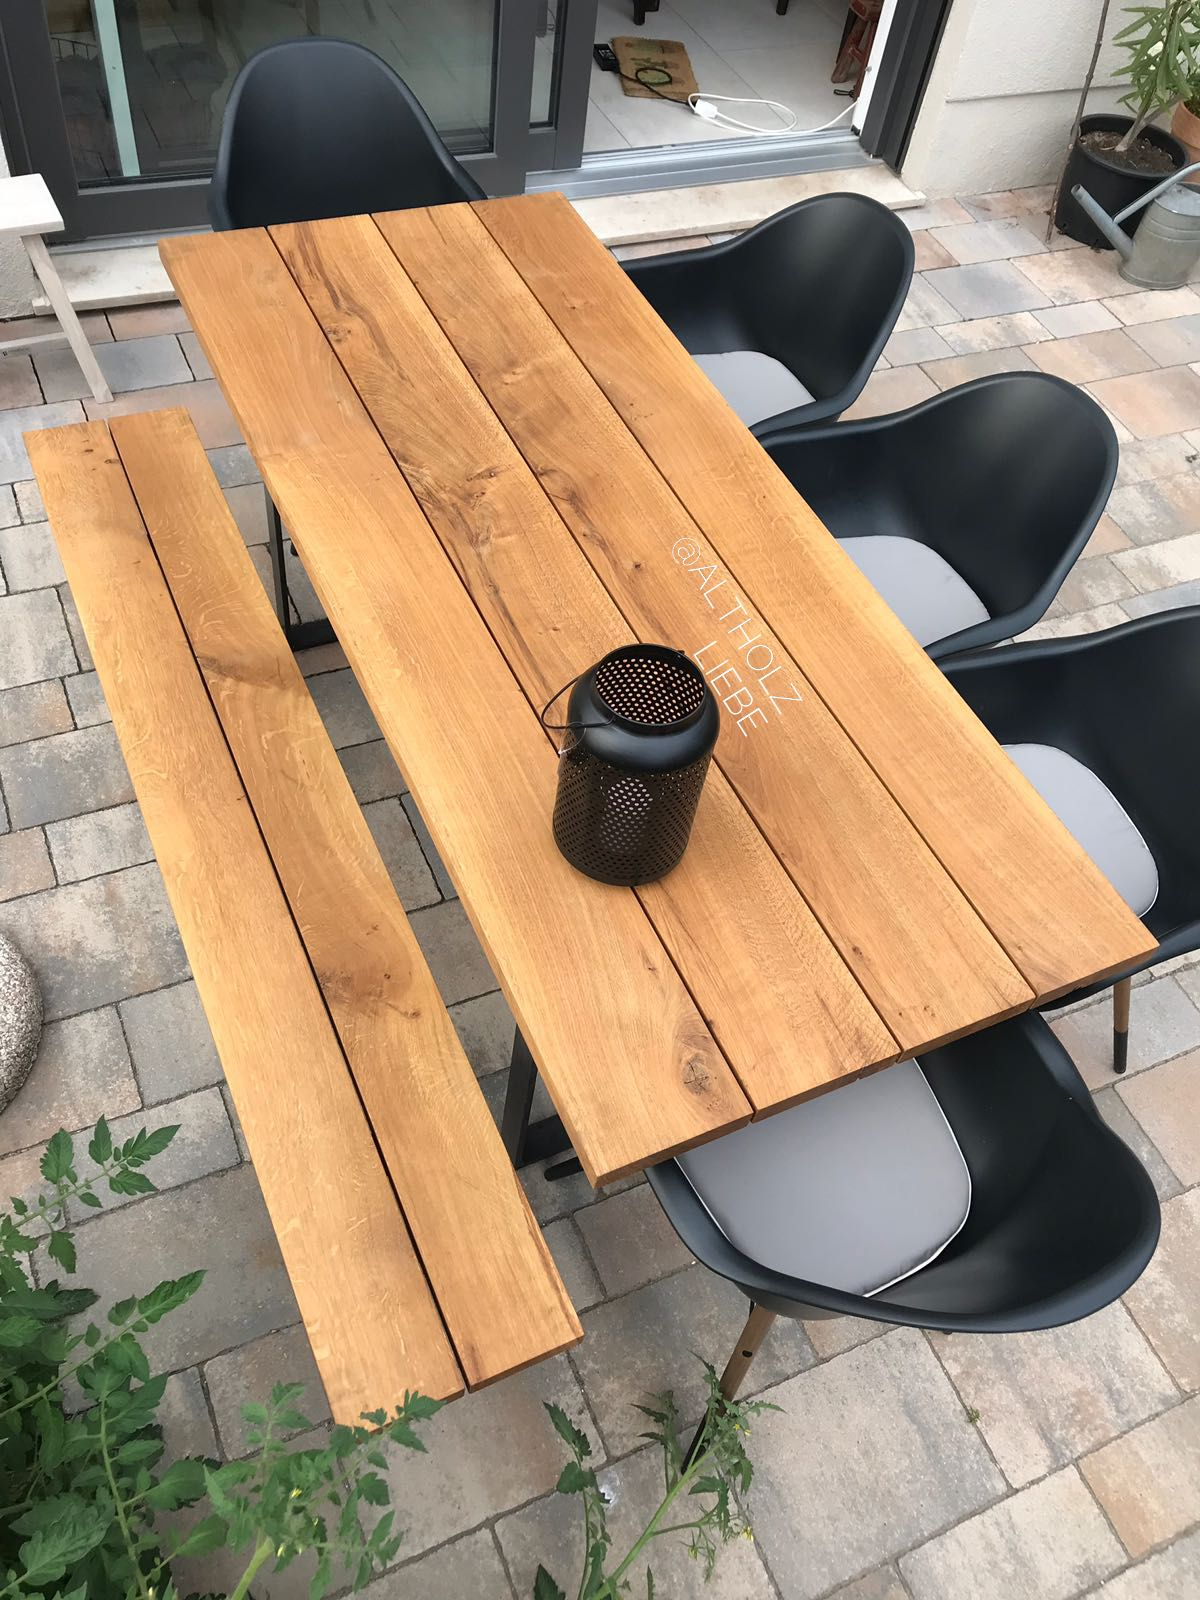 Gartentisch Esstisch Eiche Eiche Massiv Handmade Holztisch Garten Gartentisch Holz Gartentisch